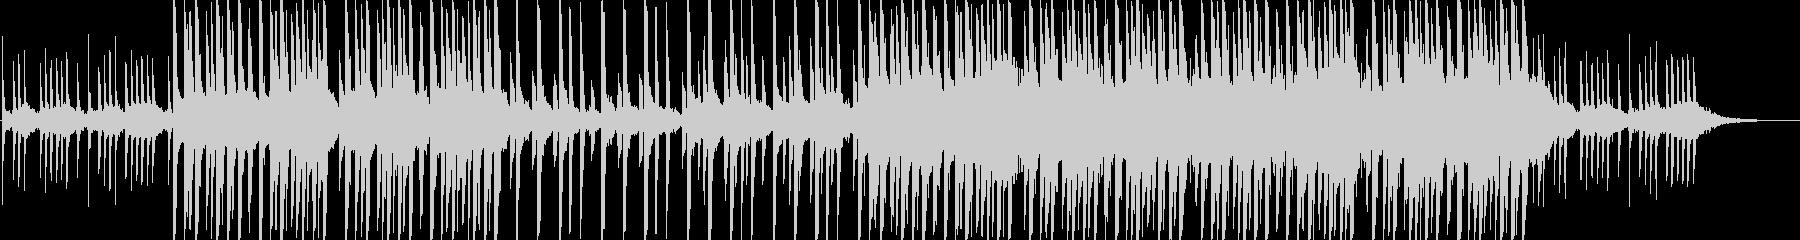 ピコピコ可愛いほのぼのBGMの未再生の波形